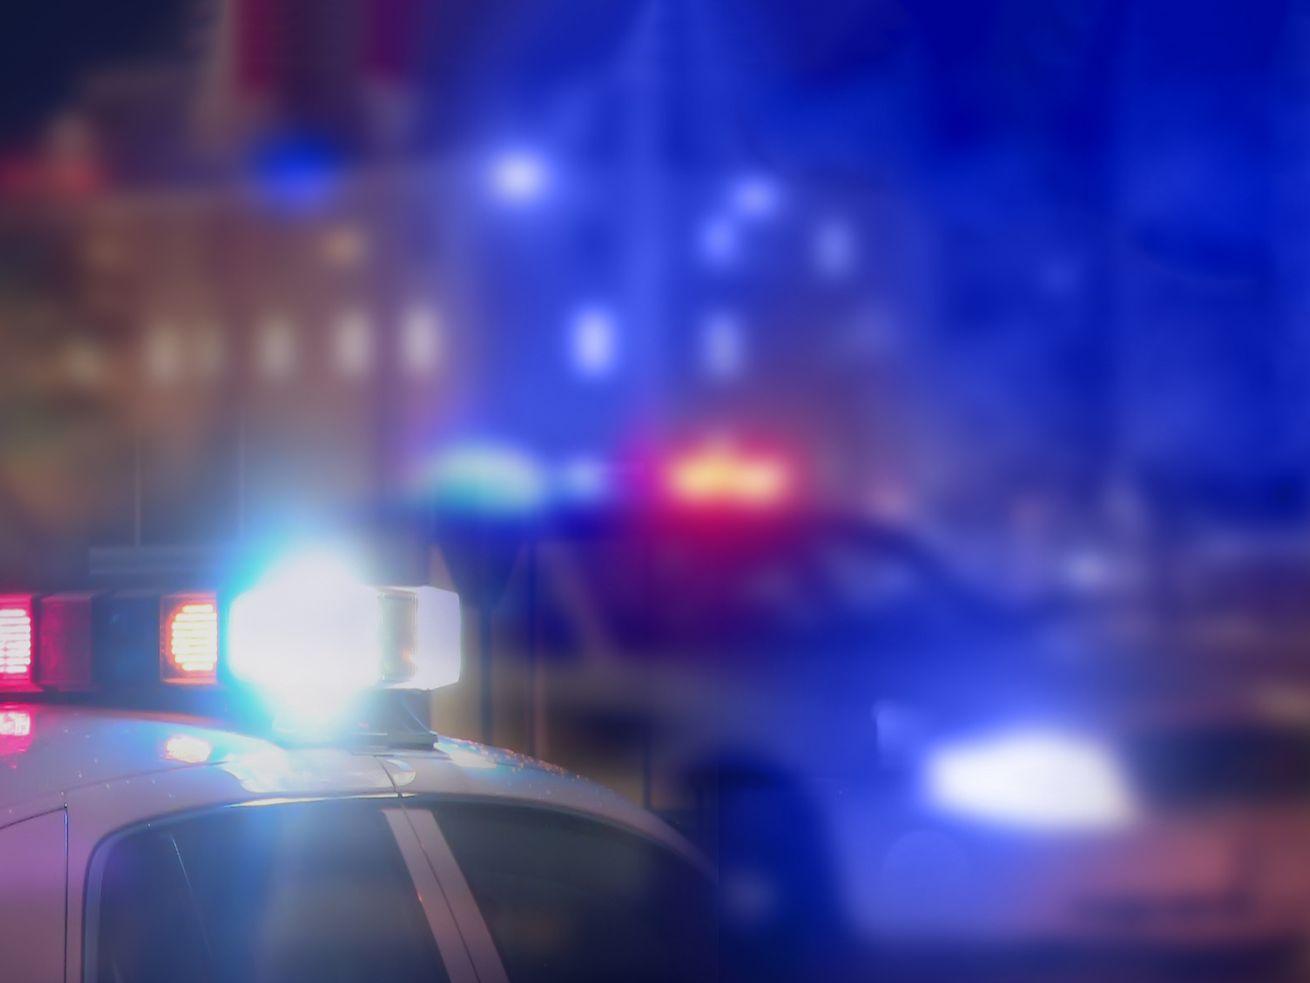 A man died in a blaze June 1, 2021, in Oak Forest.